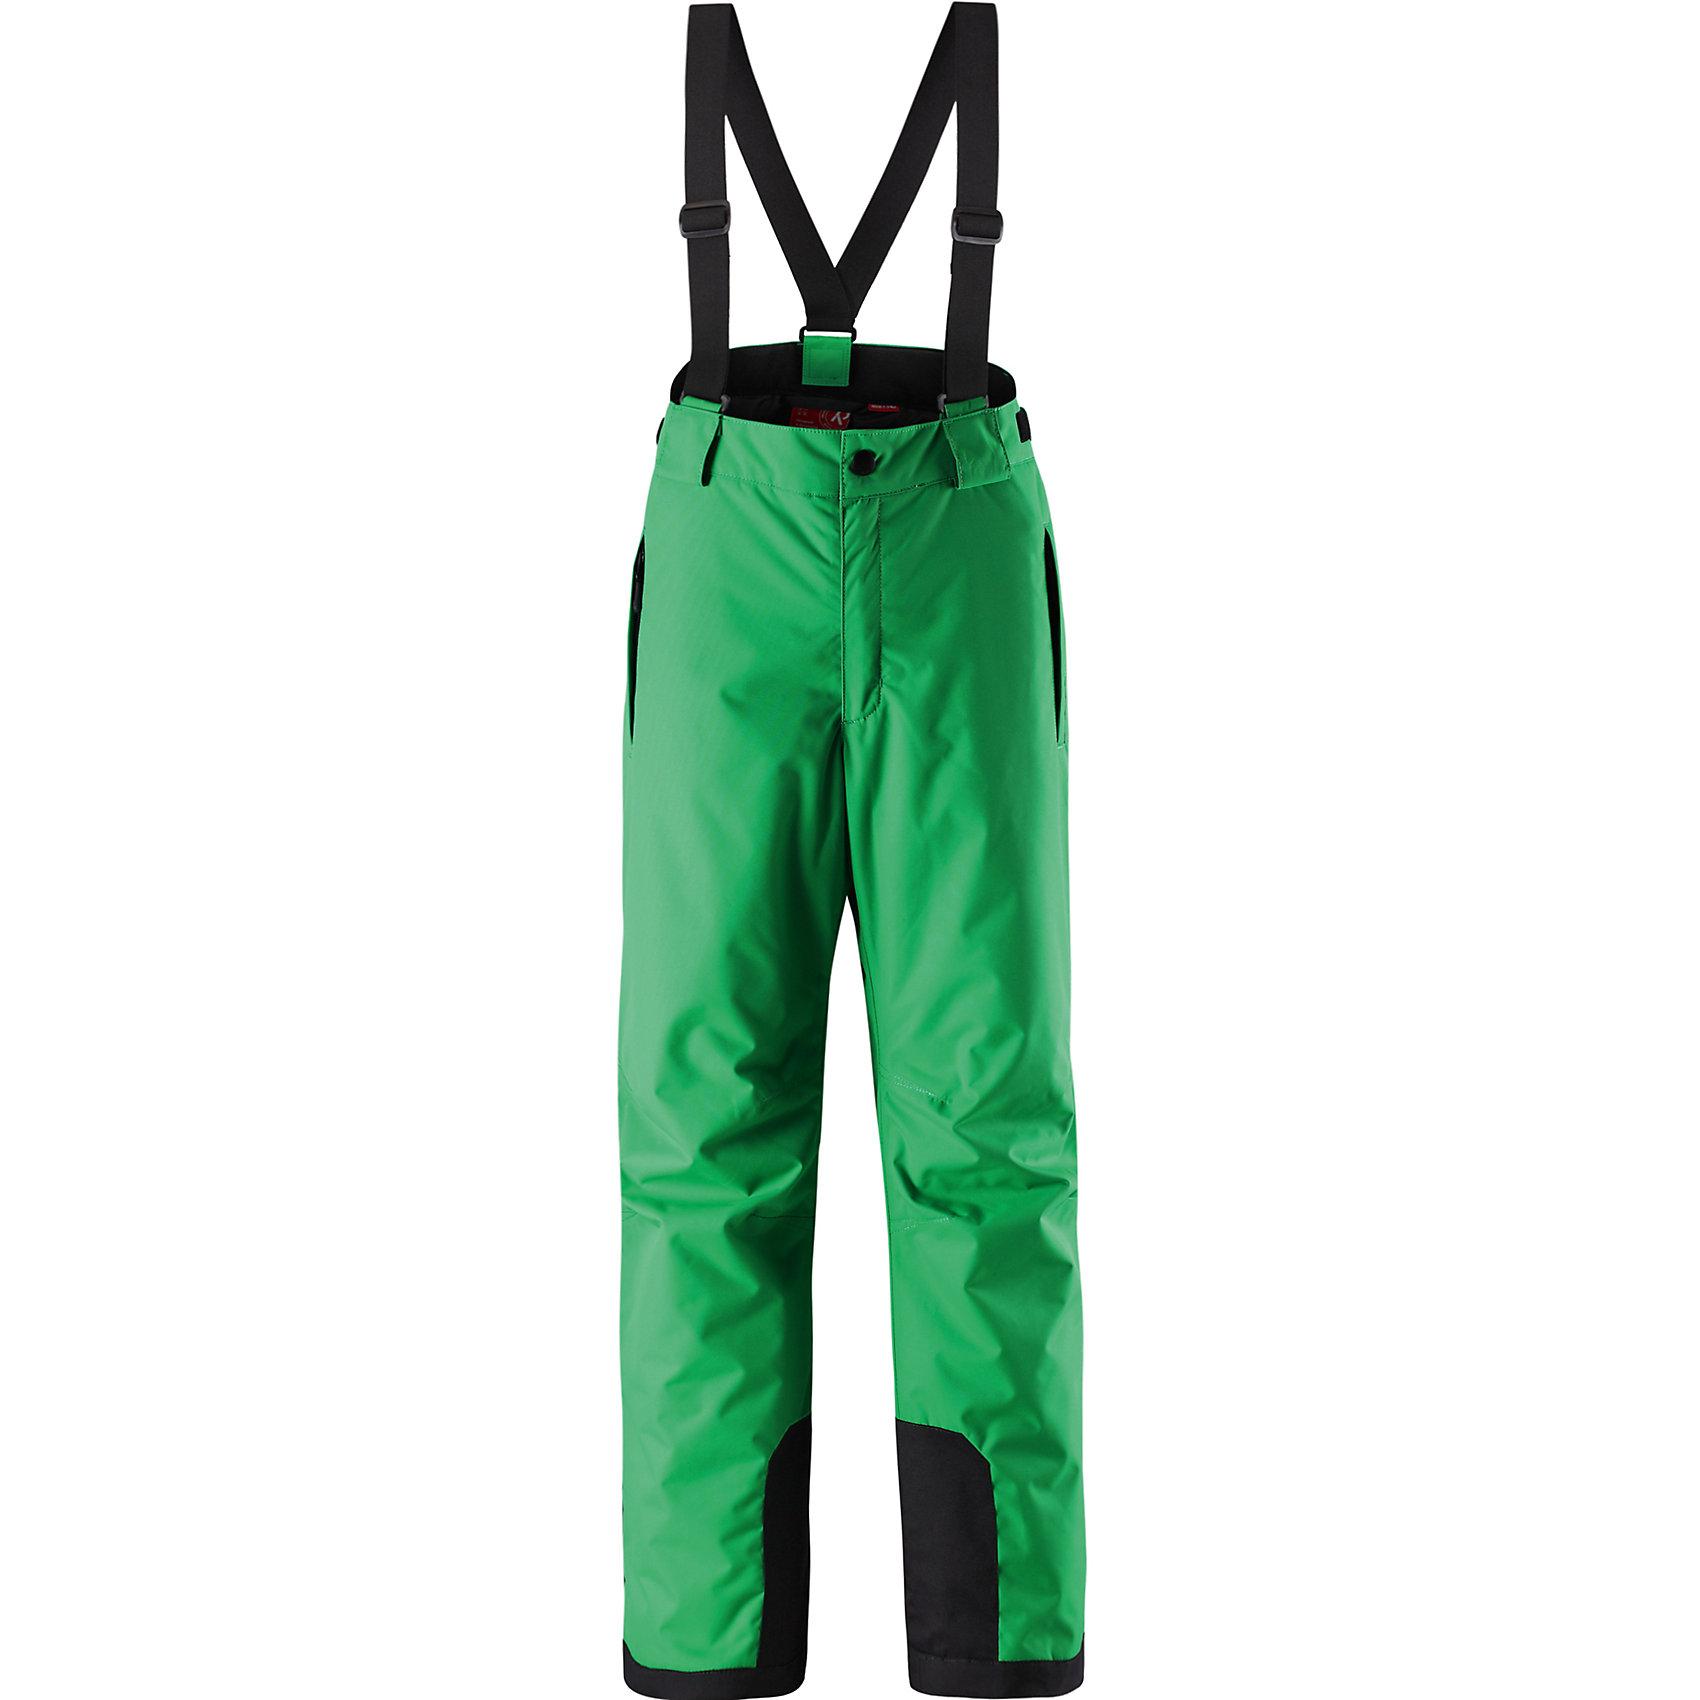 Брюки ReimaБрюки Reima (Рейма), зеленый от известного финского производителя  детской одежды Reima. Зимние брюки для девочки выполнены из полиэстера, который обладает высокой износоустойчивостью, воздухопроницаемыми, водооталкивающими и грязеотталкивающими свойствами. Изделие устойчиво к изменению формы и цвета даже при длительном использовании. Силуэт изделия имеет классическую форму: прямые брюки с высокой посадкой, съемными подтяжками и широким поясом. Пояс по ширине регулируется застежками на липучках, по бокам брюк имеются втачные карманы с застежками-молниями. У брюк все швы проклеенные, снизу брючин предусмотрена блокировка на кнопках от попадания снега. Зимние брюки от Reima  можно носить при температуре до - 20 градусов.    <br><br>Дополнительная информация:<br><br>- Предназначение: повседневная одежда для прогулок и активного отдыха<br>- Цвет: зеленый<br>- Пол: для девочки<br>- Состав: 100% полиэстер<br>- Сезон: зима<br>- Особенности ухода: стирать изделие, предварительно вывернув его на левую сторону, не использовать отбеливающие вещества<br><br>Подробнее:<br><br>• Для детей в возрасте: от 11 лет и до 12 лет<br>• Страна производитель: Китай<br>• Торговый бренд: Reima, Финляндия<br><br>Брюки Reima (Рейма), зеленый можно купить в нашем интернет-магазине.<br><br>Ширина мм: 215<br>Глубина мм: 88<br>Высота мм: 191<br>Вес г: 336<br>Цвет: зеленый<br>Возраст от месяцев: 108<br>Возраст до месяцев: 120<br>Пол: Унисекс<br>Возраст: Детский<br>Размер: 140,158,152,146<br>SKU: 4869765